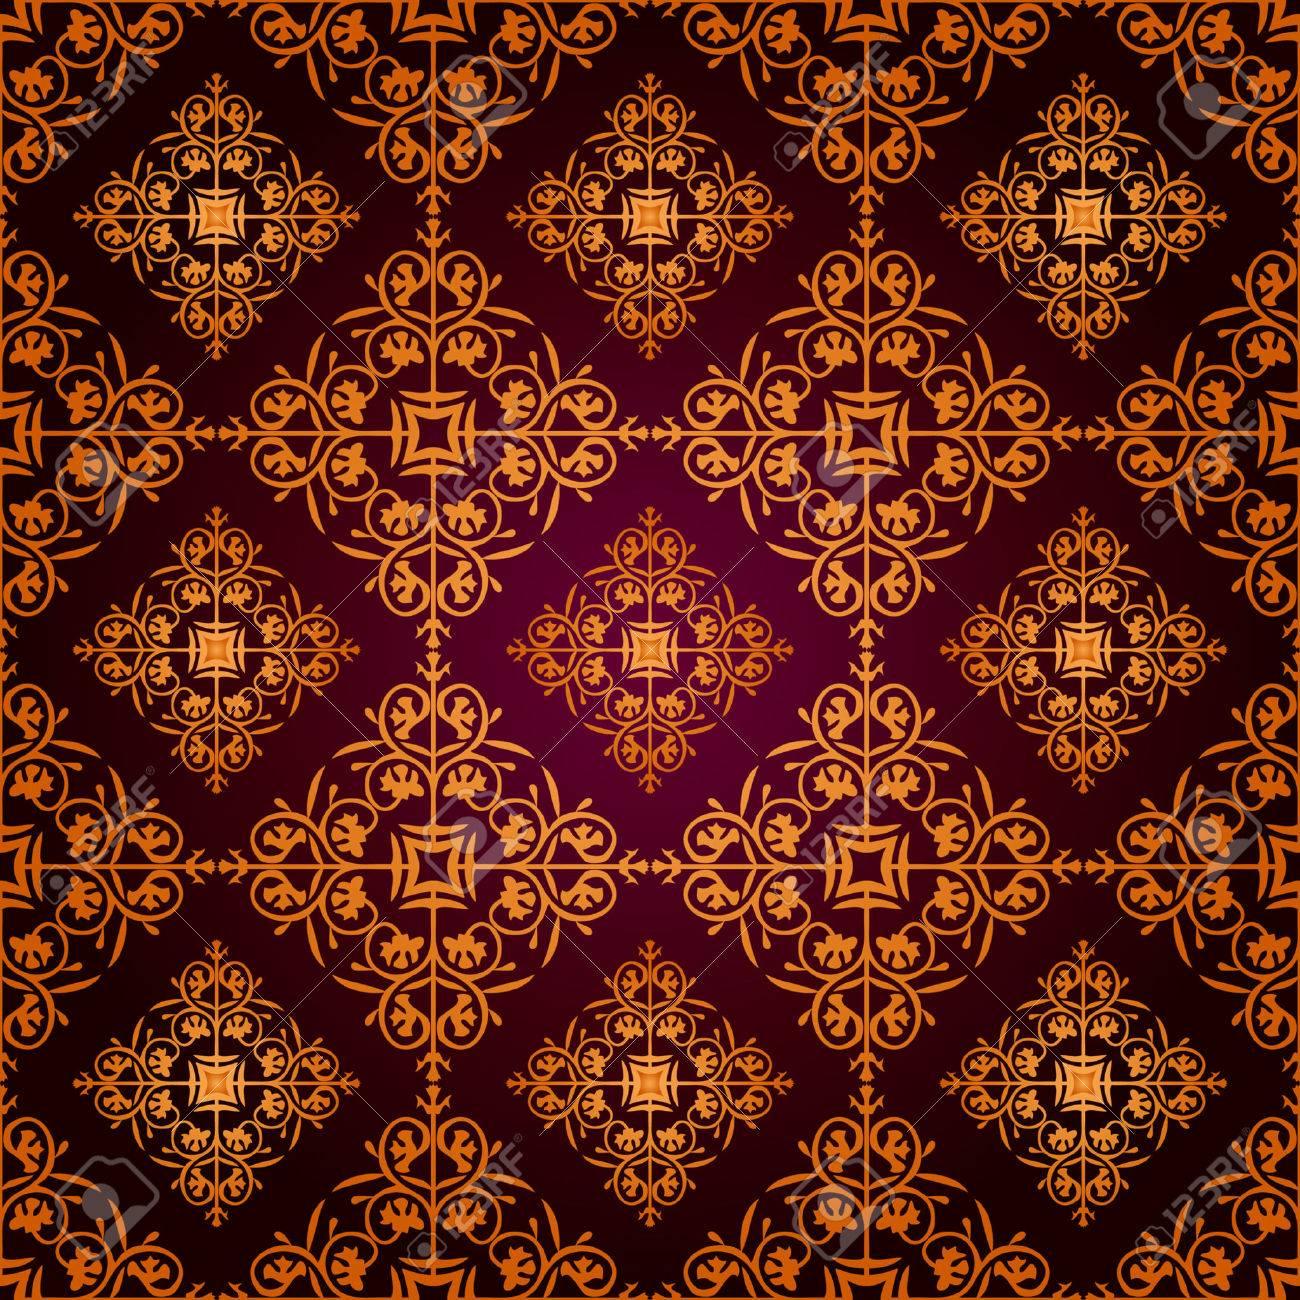 シームレスなゴシック様式の壁紙のイラスト素材 ベクタ Image 8438449